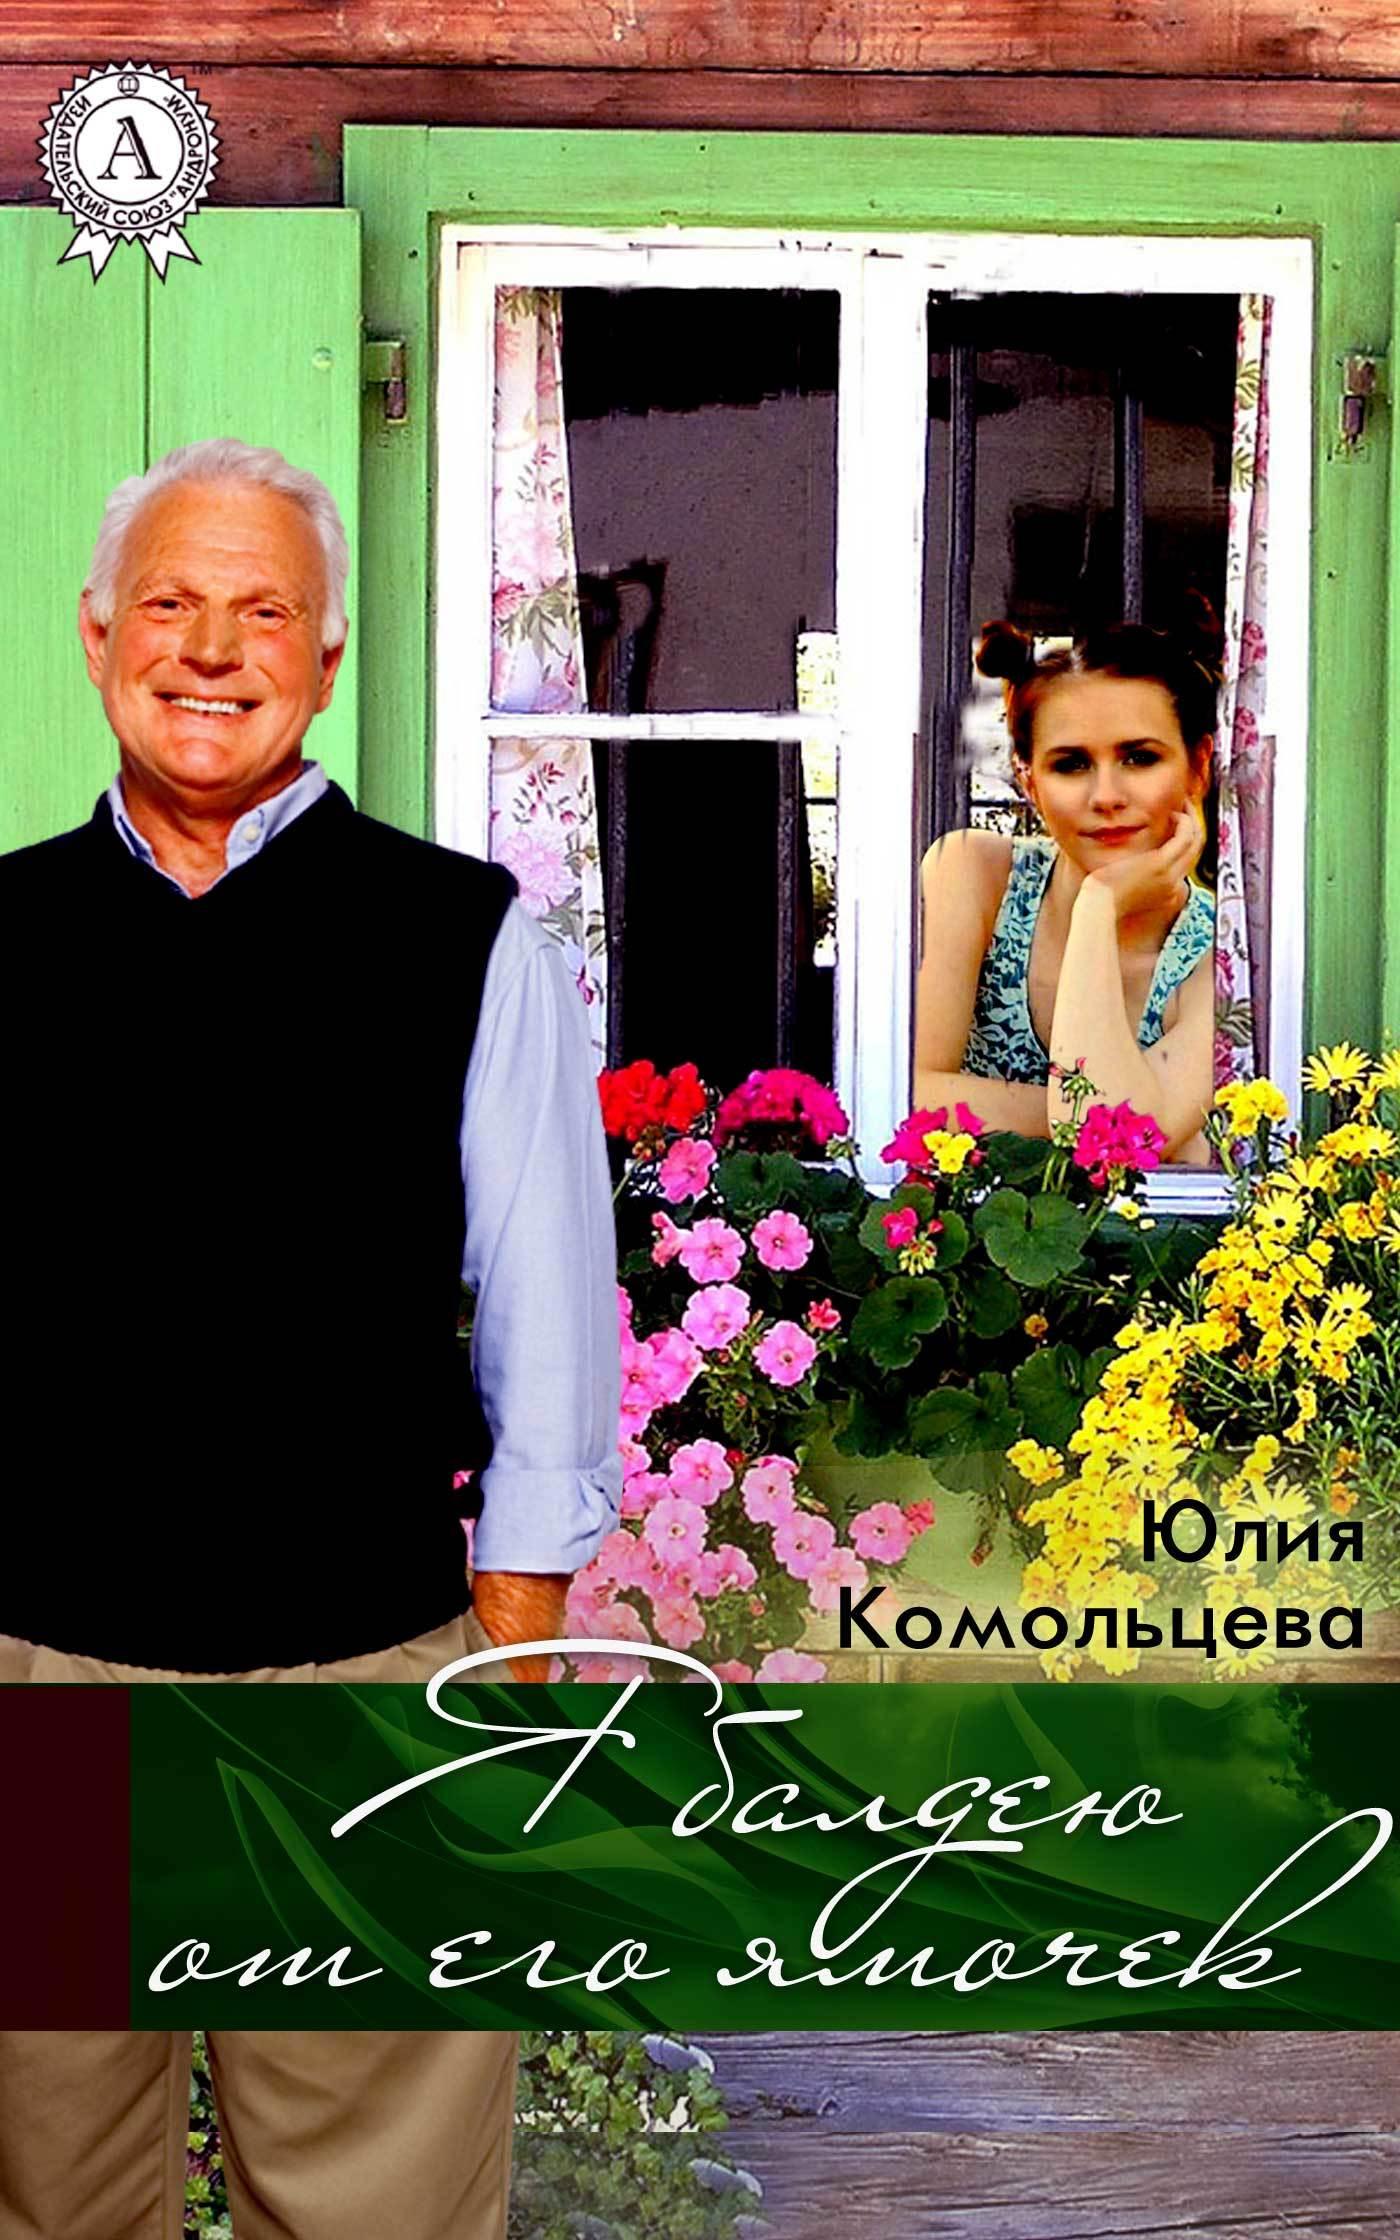 Юлия Комольцева Я балдею от его ямочек